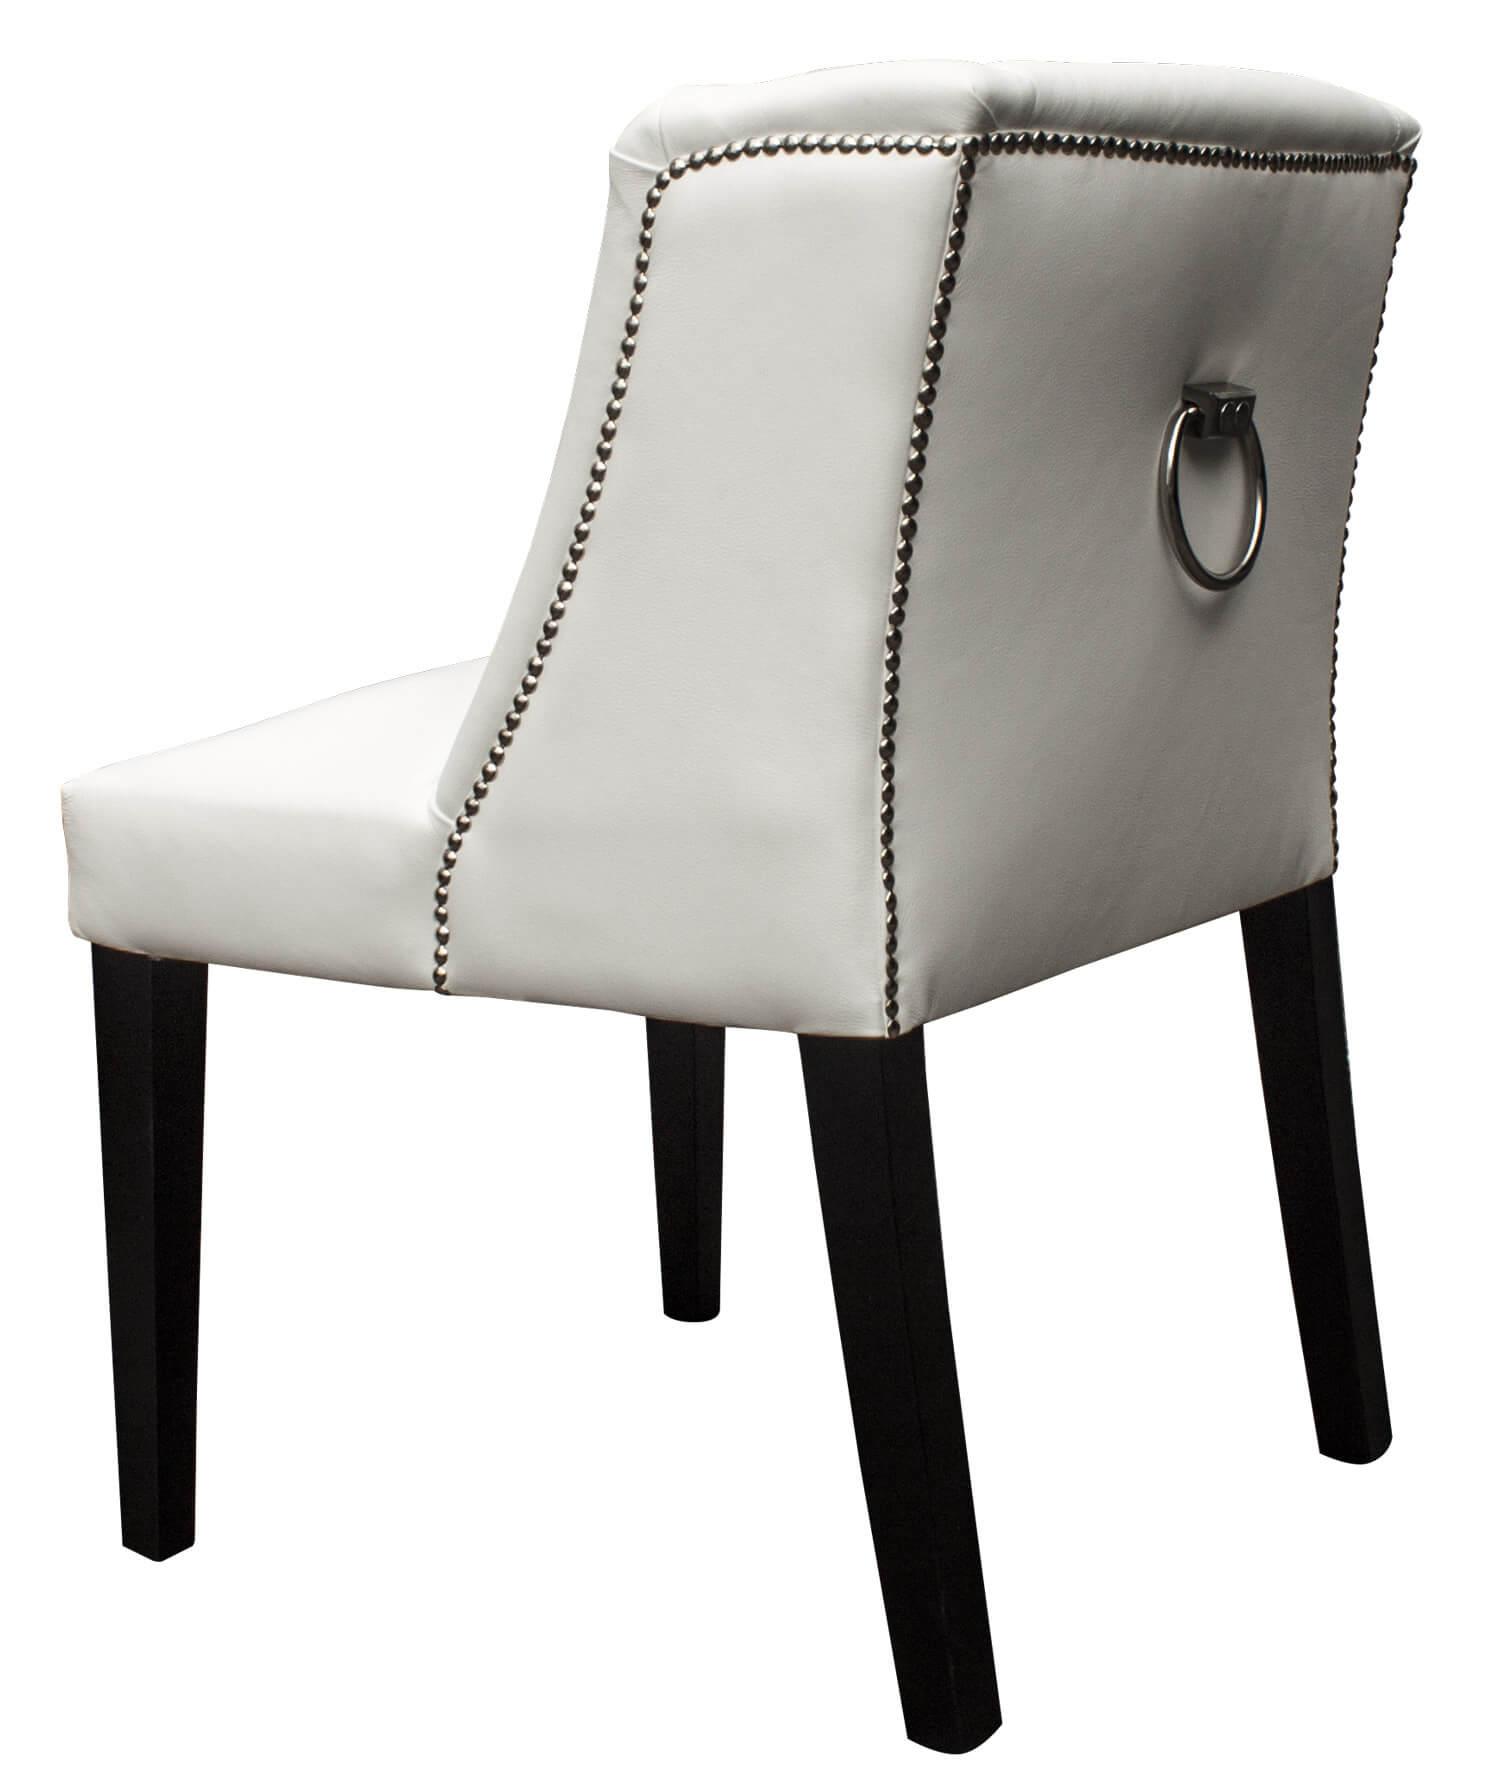 cadeira_key-beach-_643_persp_verso